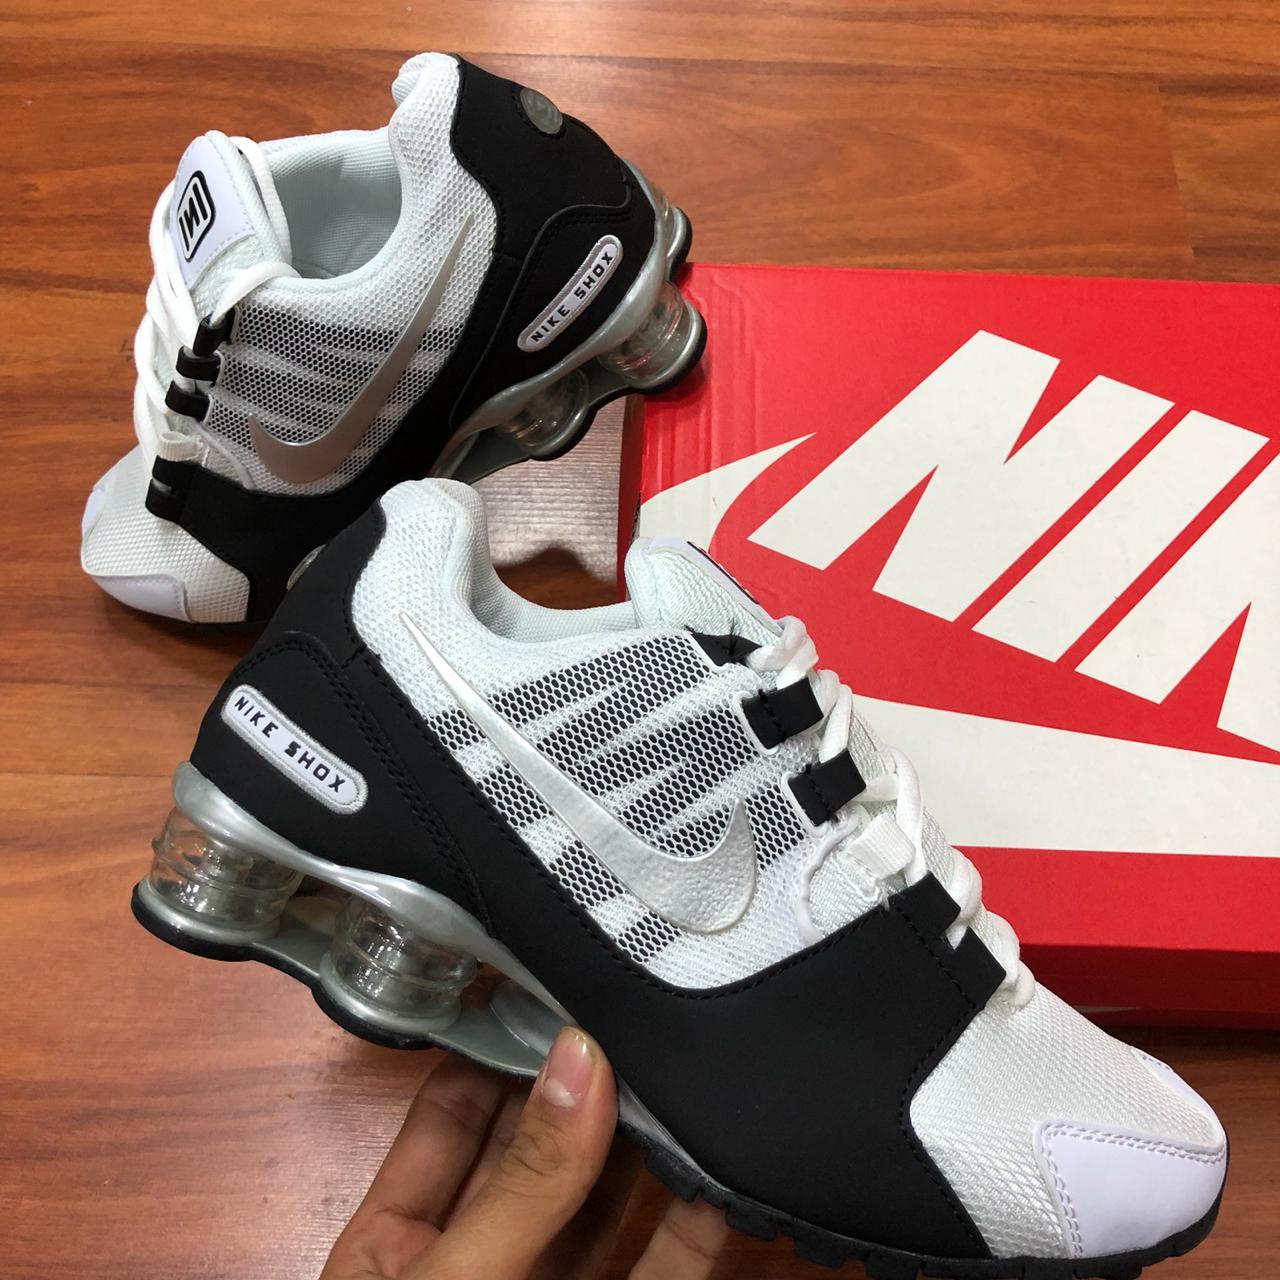 be8e9b151e Zapatillas Nike Shox Importadas para Hombre - Zapatillas en Cali